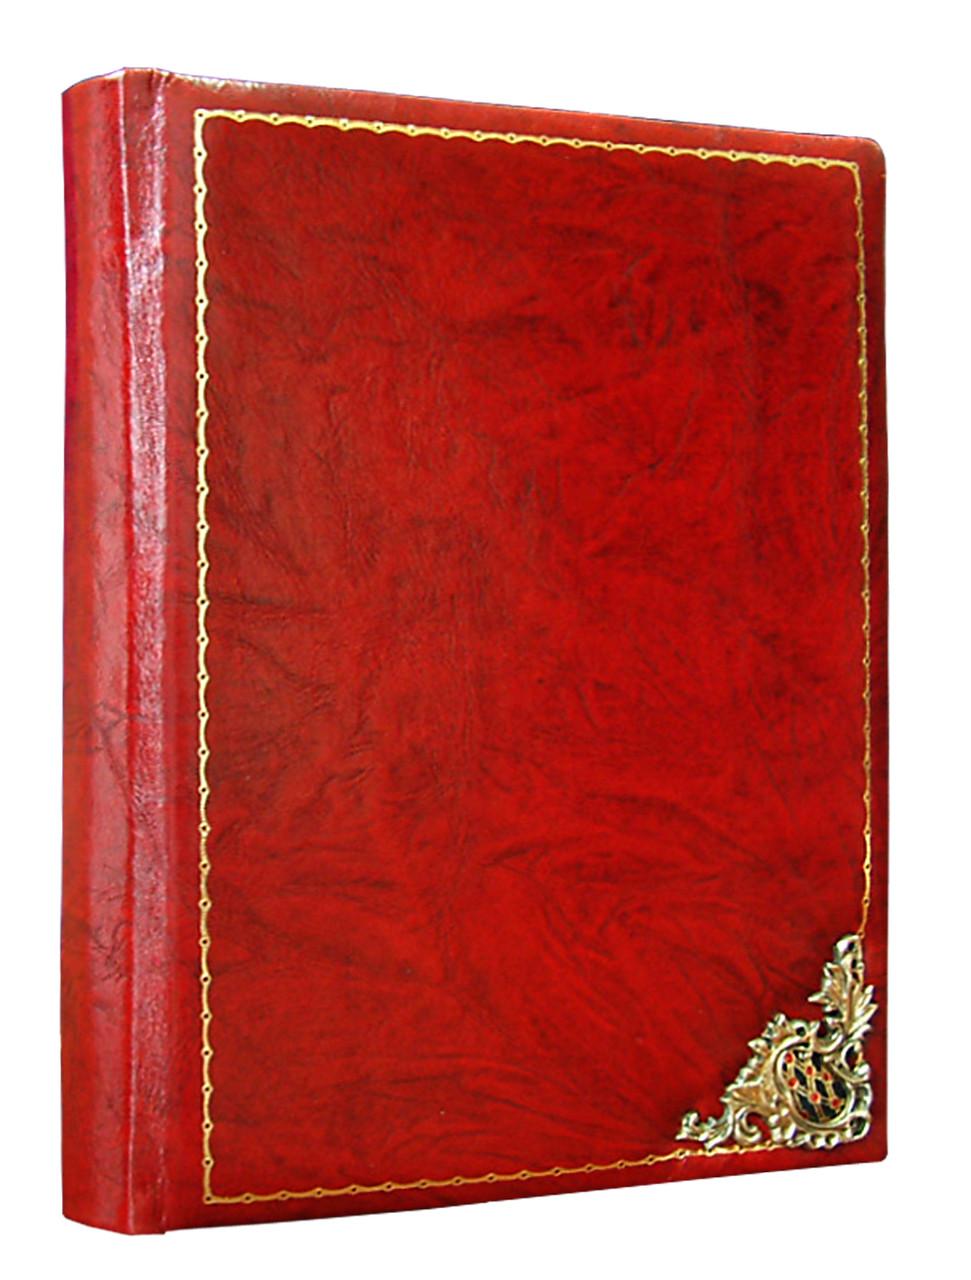 """Ежедневник А5 формата в кожаном переплете """"Ажур"""". Цвет красный"""